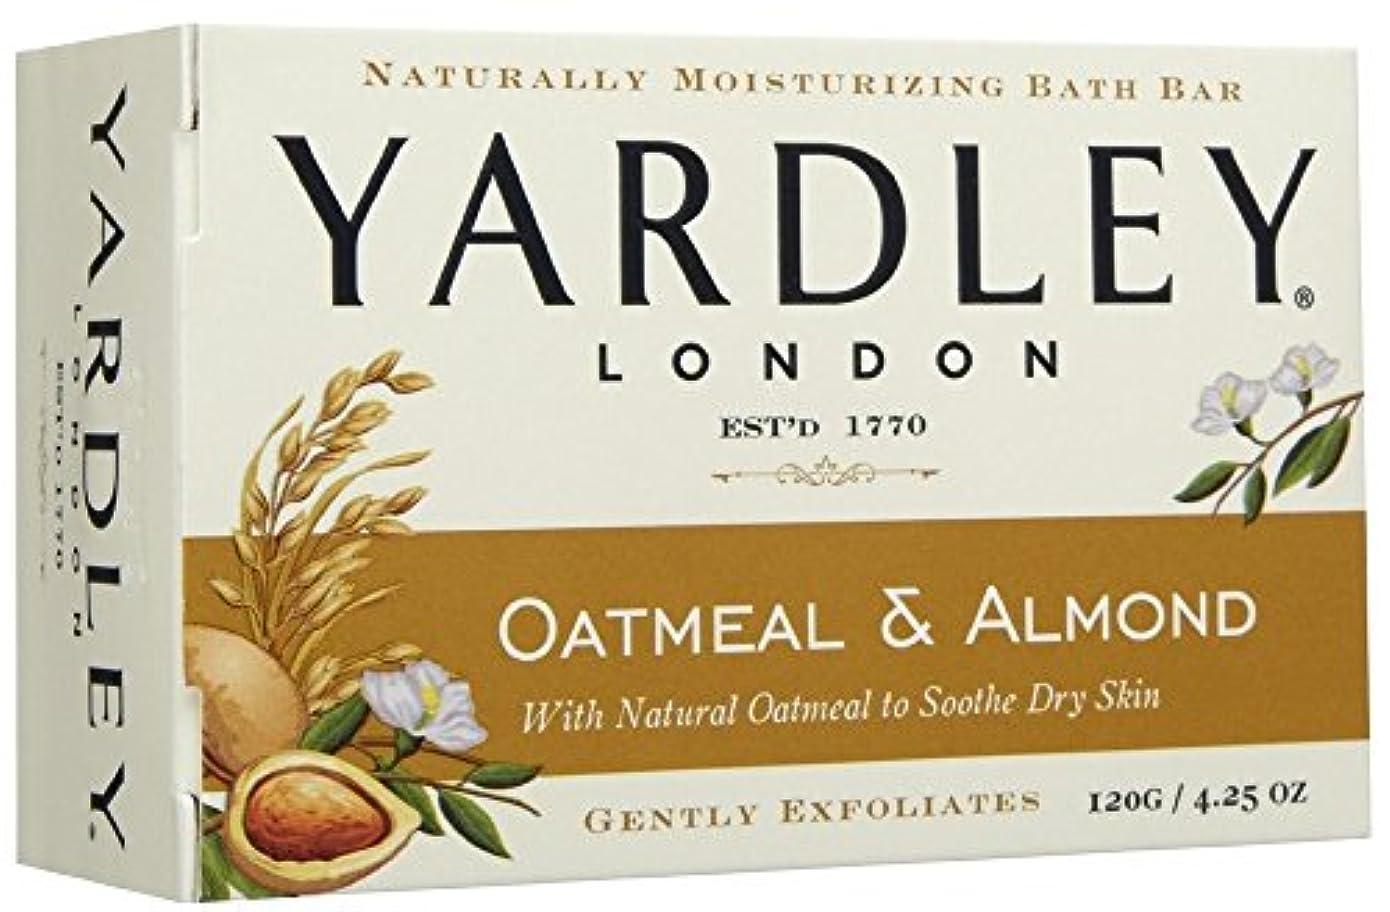 プレビューお手入れクレデンシャルYardley ロンドンオートミール&アーモンド当然モイスチャライジングシャワーバー